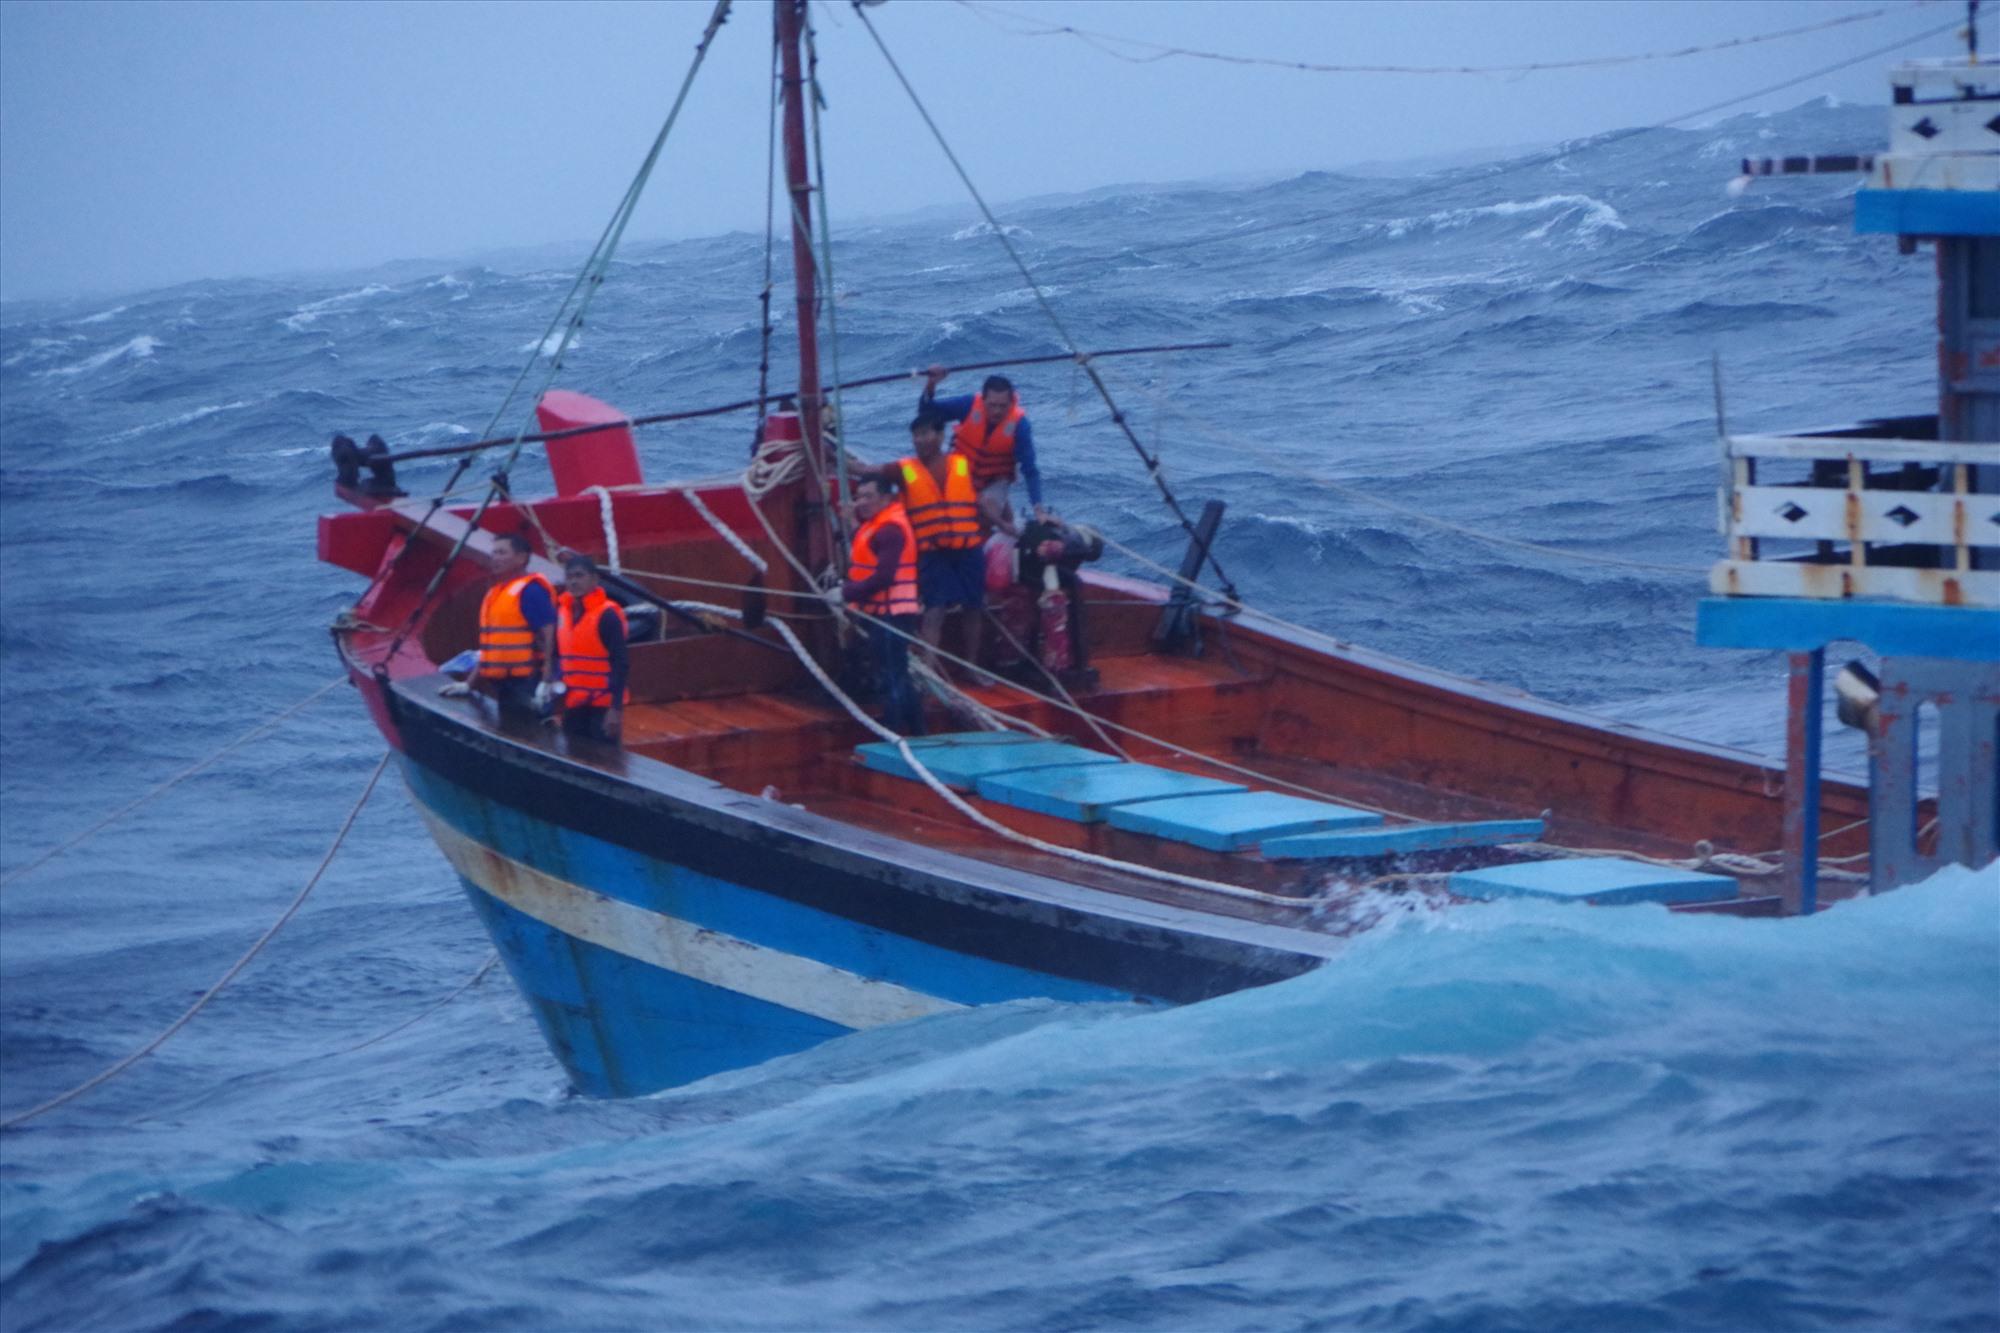 5 ngư dân trên tàu cá của Quảng Ngãi gặp nạn. Ảnh: N.T